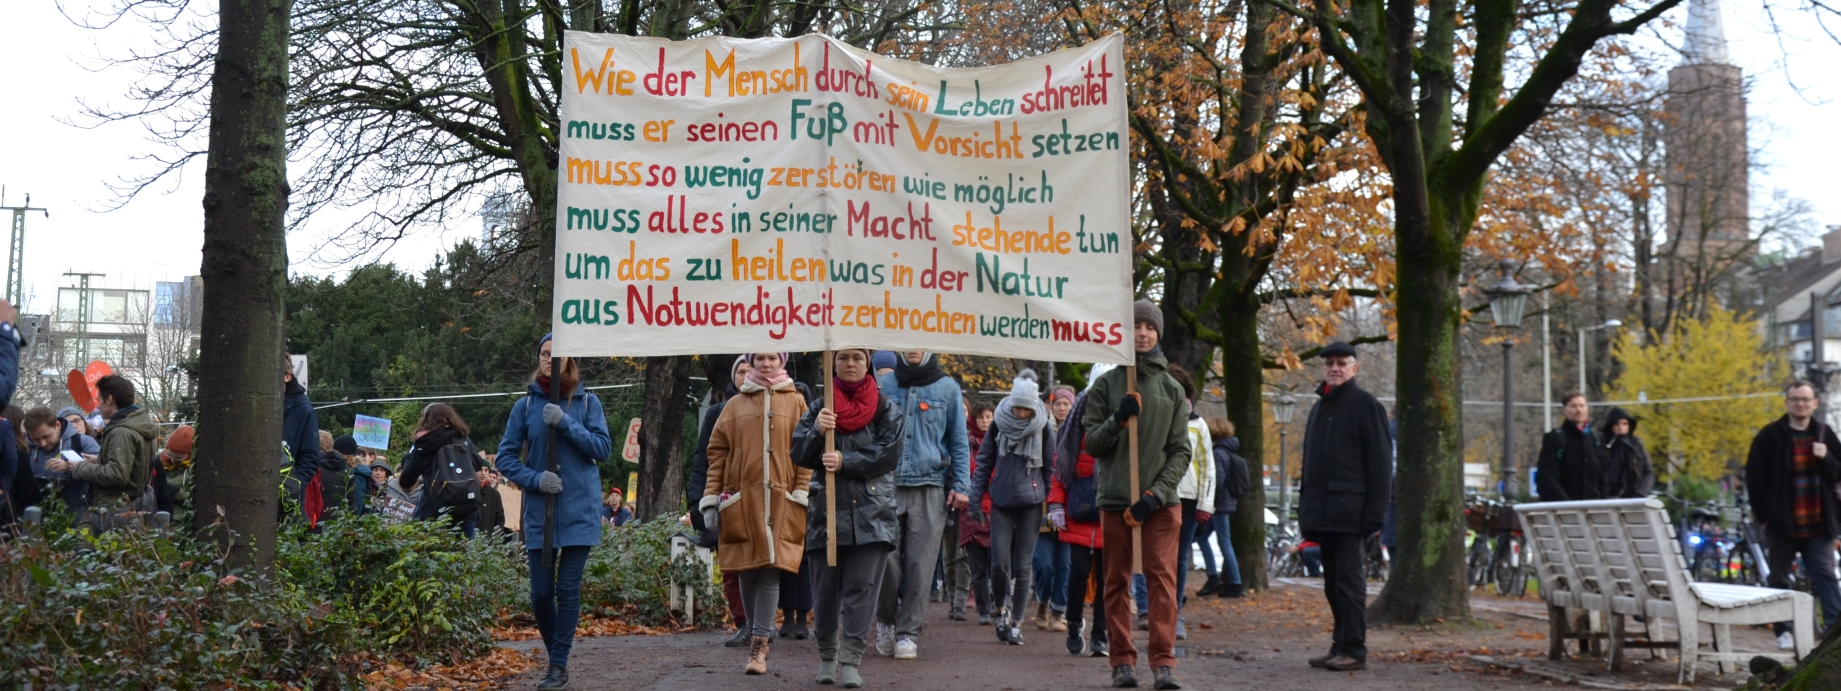 Menschen mit Transparent auf der Klimademo 29.11.